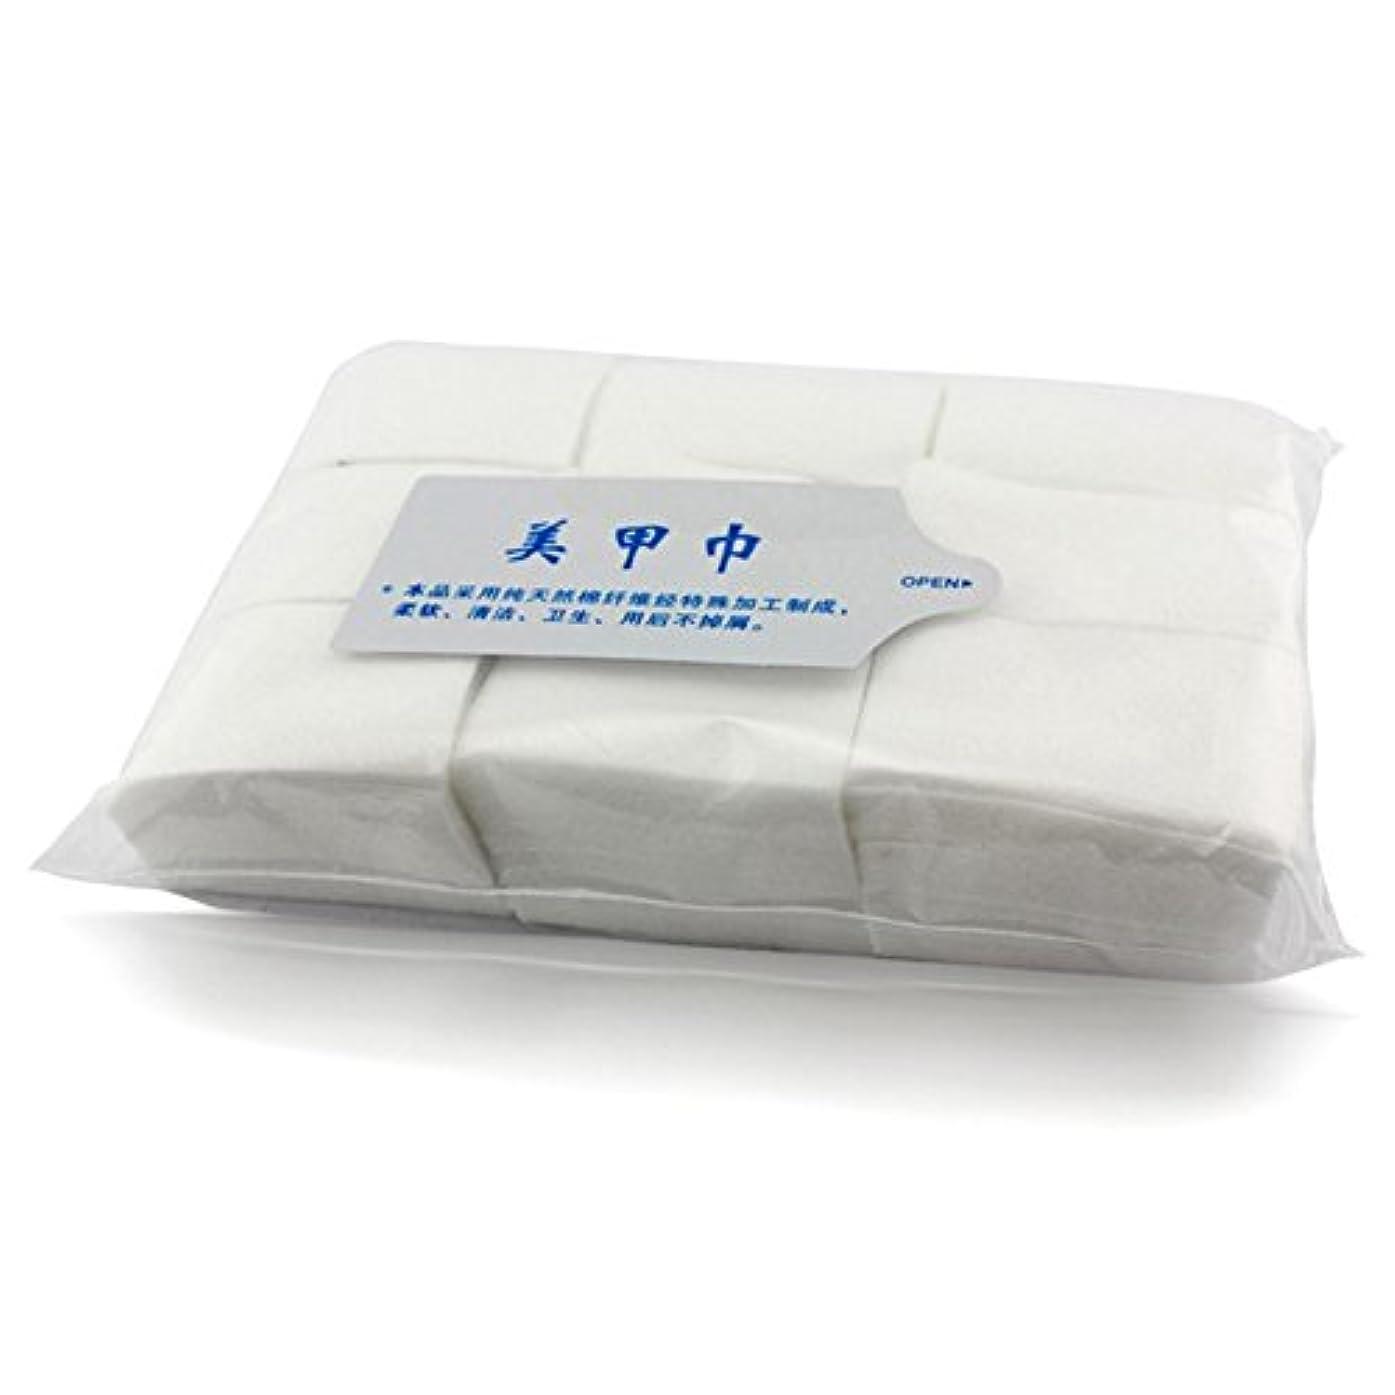 鎮静剤不純ペルメルネイルワイプ 天然素材不織布 900枚入り コットン ワイプ / ジェル ネイル マニュキア オフ